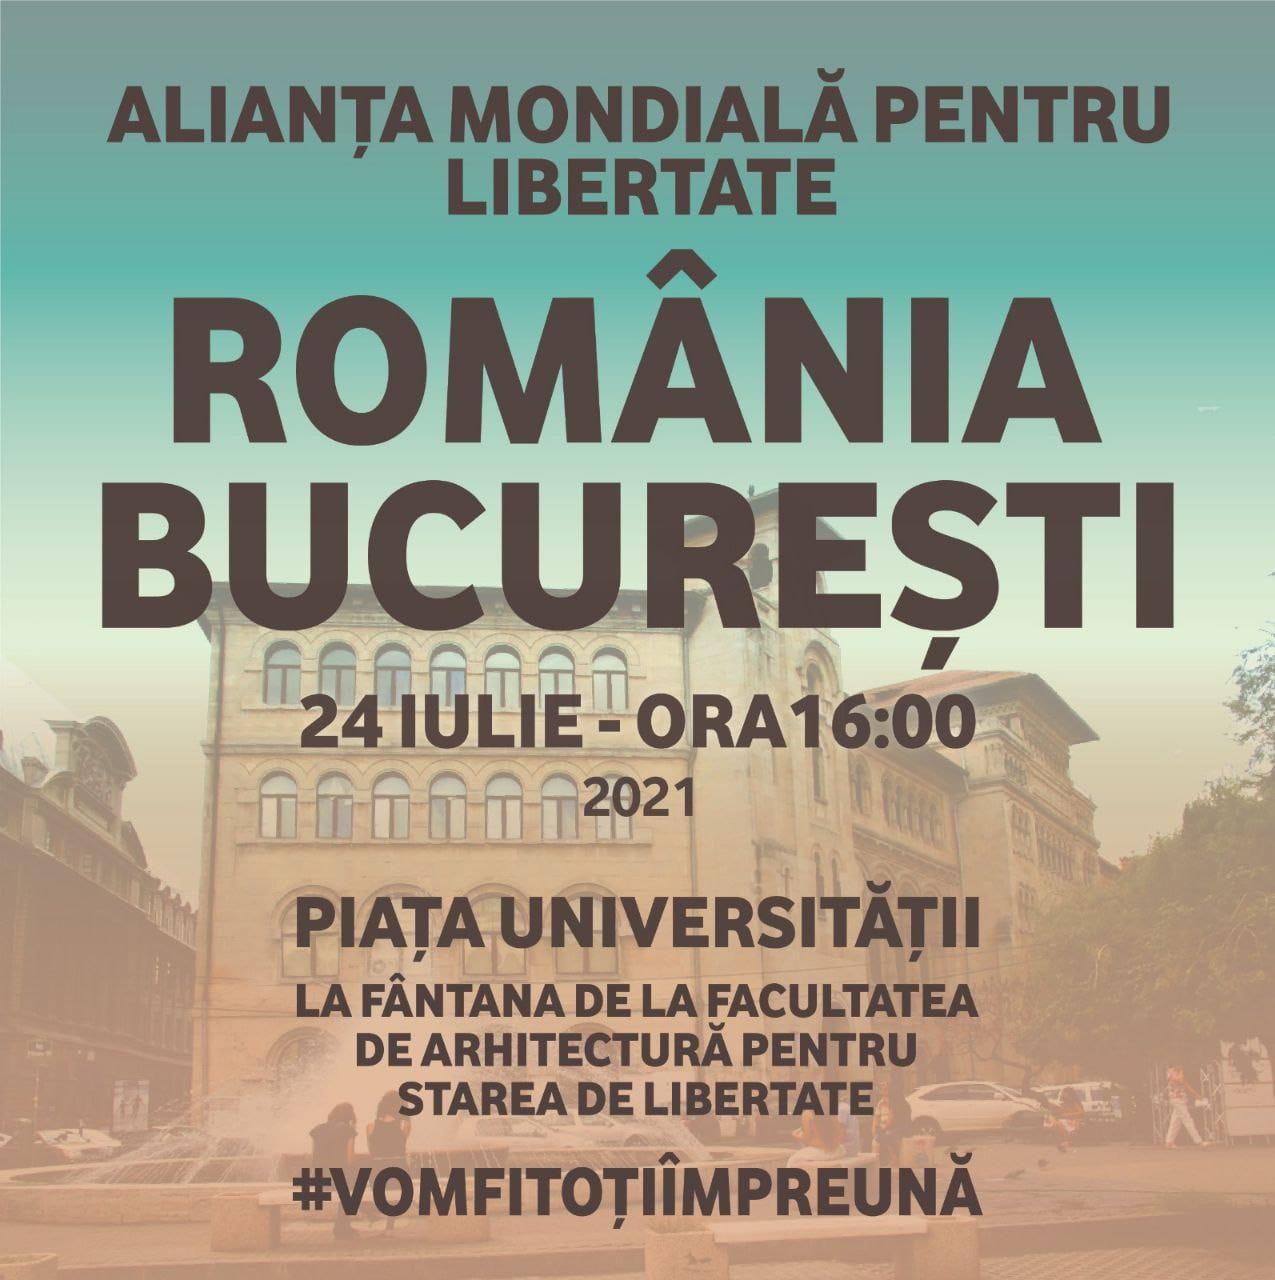 Protest 24iulie2021